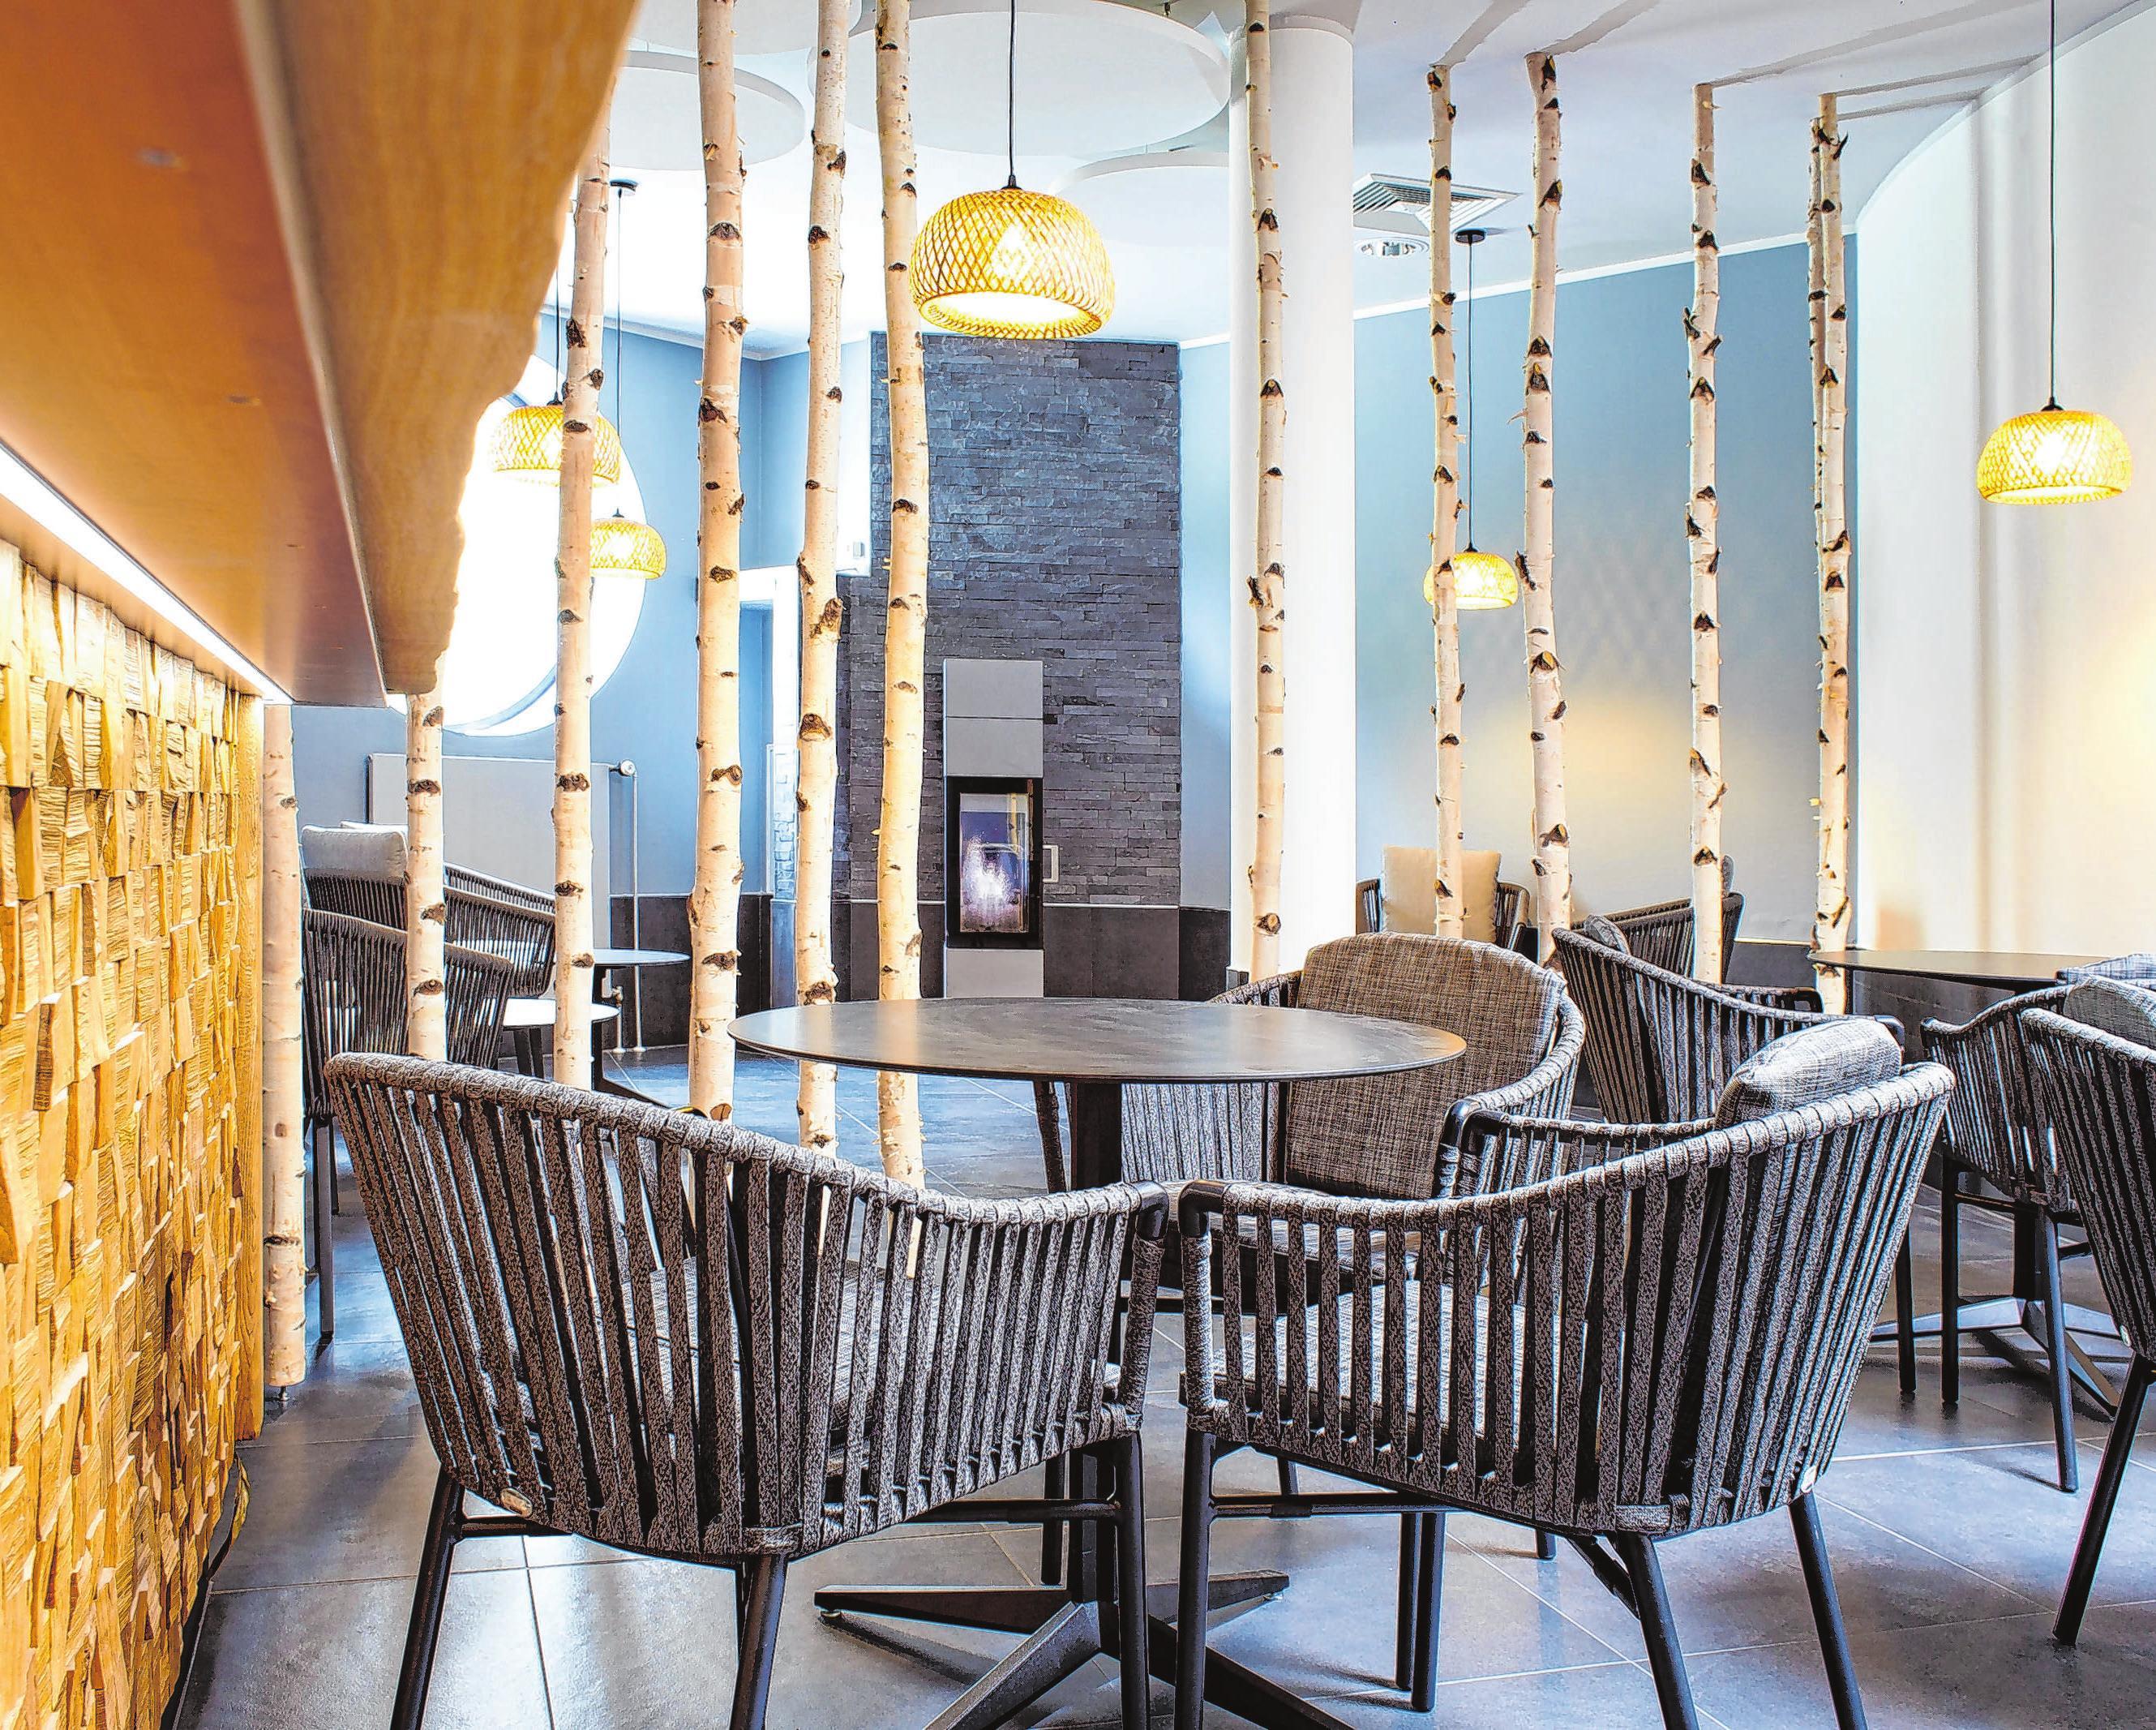 Auch der Gastronomiebereich im Inselbad wurde neu gestaltet. Foto: FORMWERK Eisenhüttenstadt/Fel